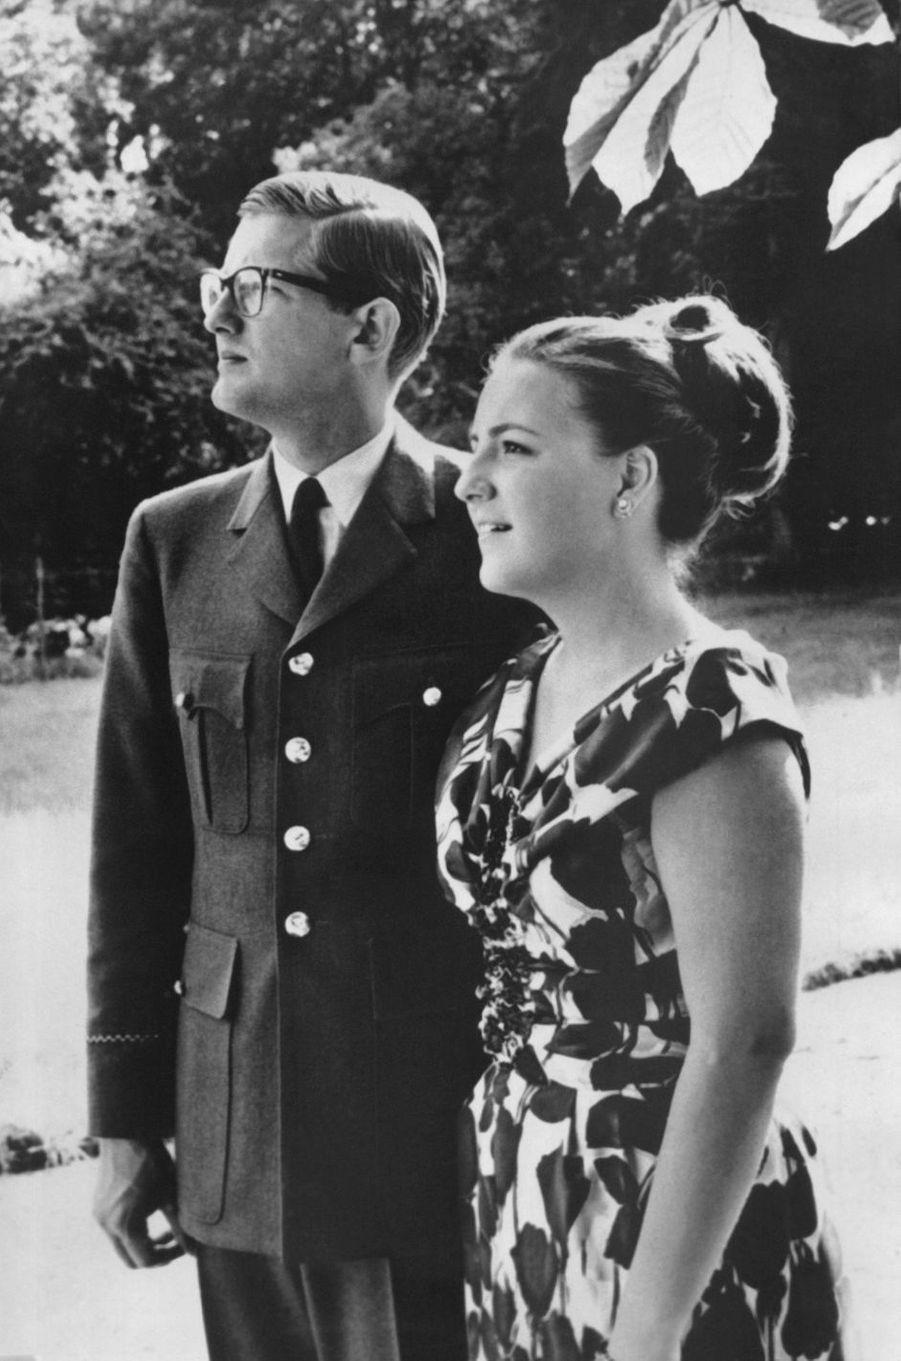 La princesse Margriet des Pays-Bas avec son fiancé Pieter van Vollenhoven, le 12 décembre 1966